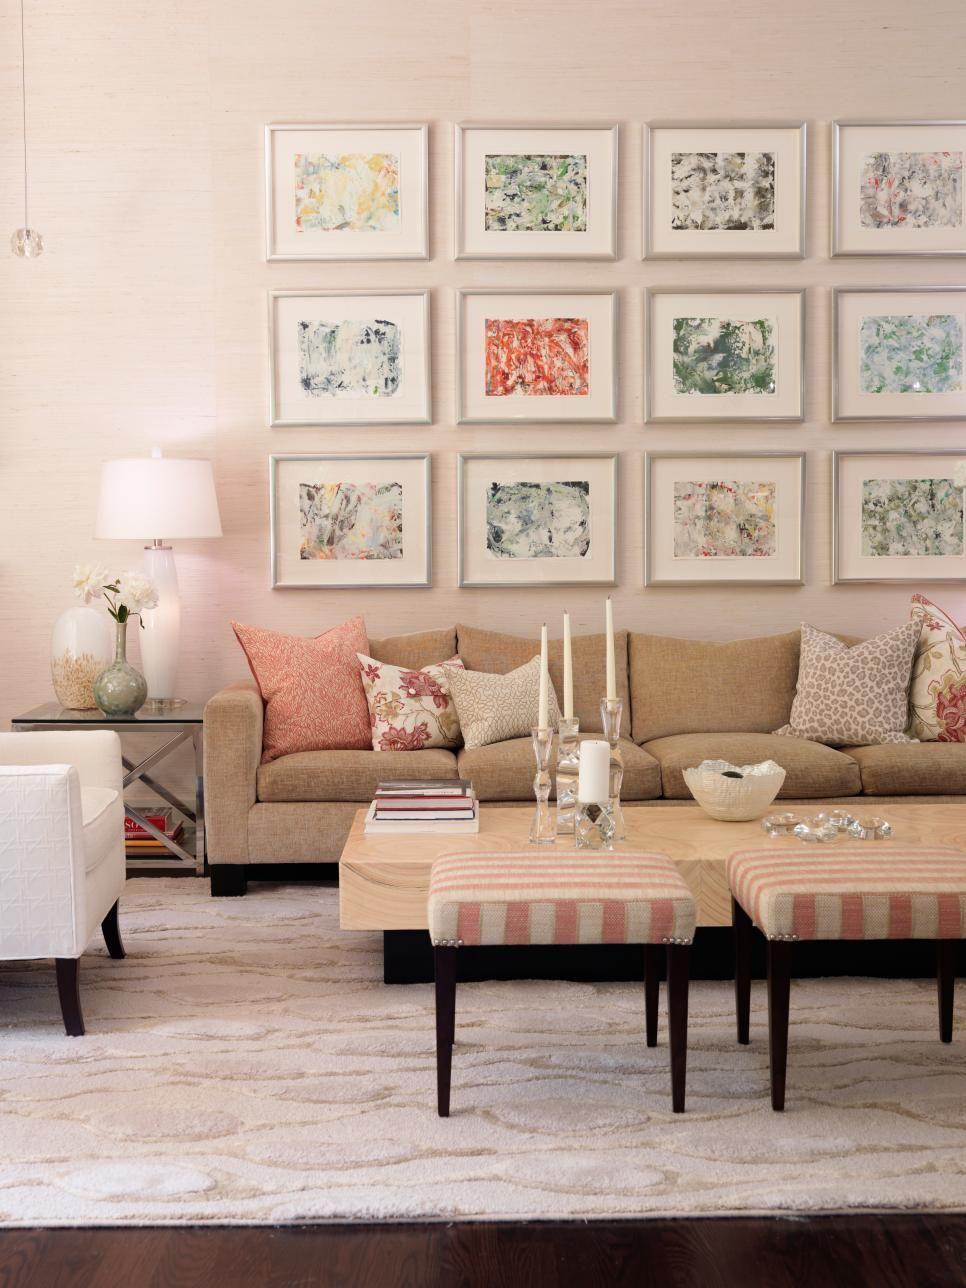 stile von wohnzimmer st hle st hle pinterest wohnzimmer st hle romantisches wohnzimmer. Black Bedroom Furniture Sets. Home Design Ideas